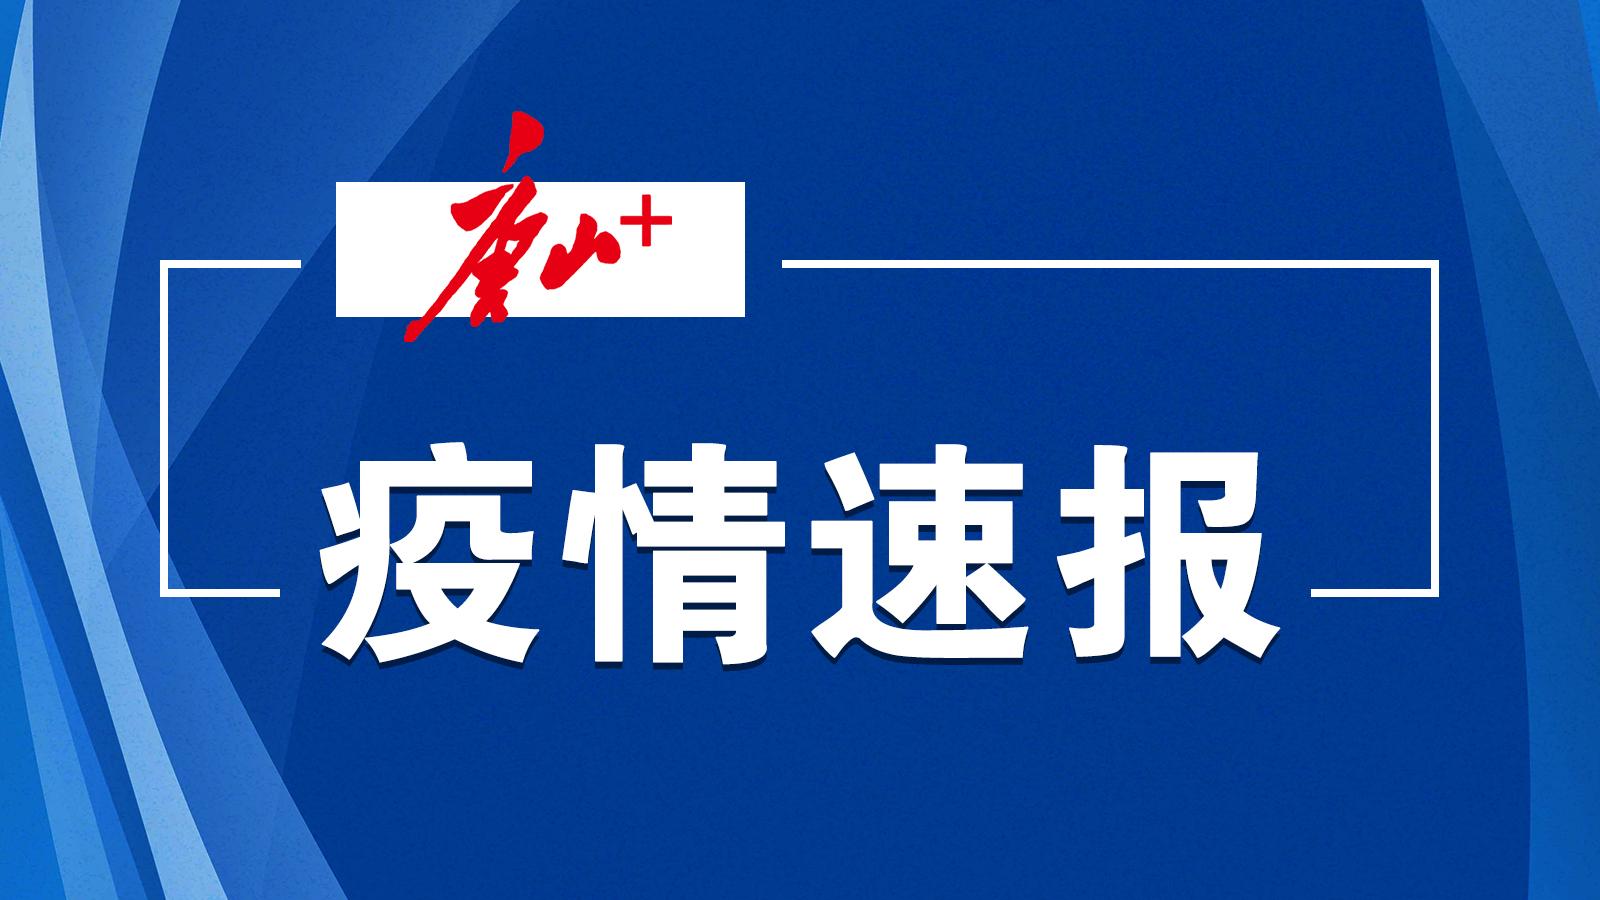 河北10月23日新增确诊病例1例 在石家庄